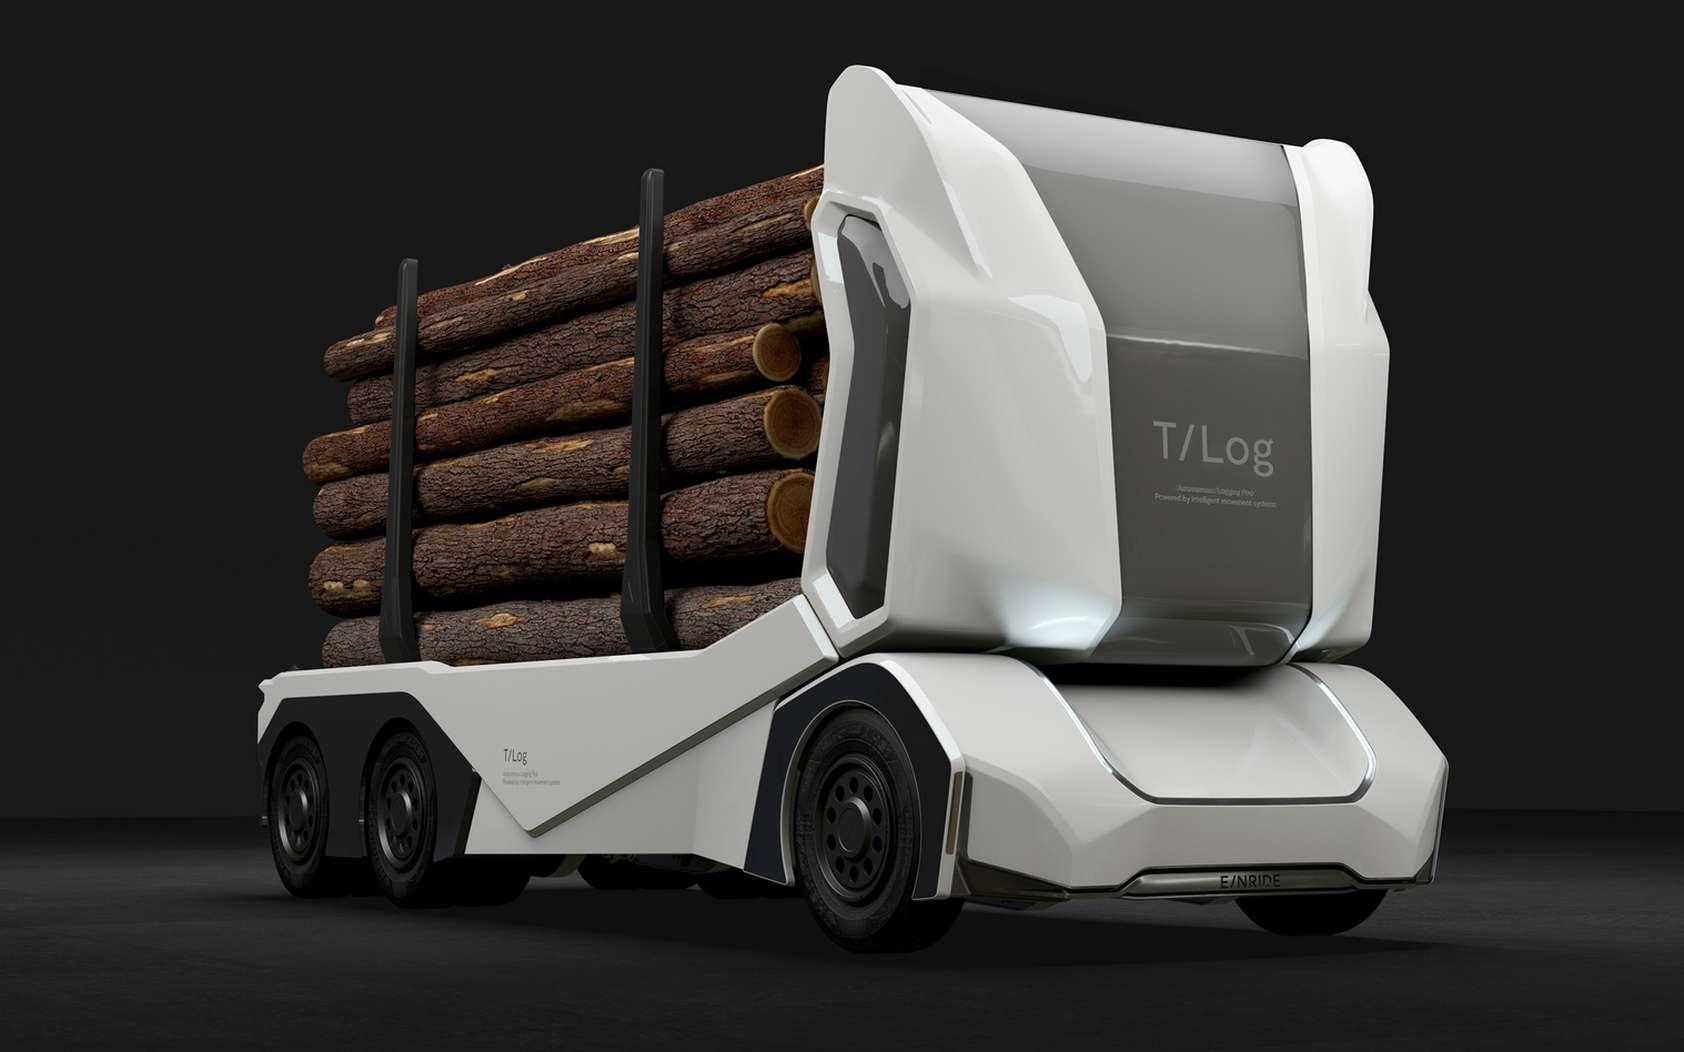 Un rendu du camion T-Log dont le lancement est prévu en 2020. © Einride